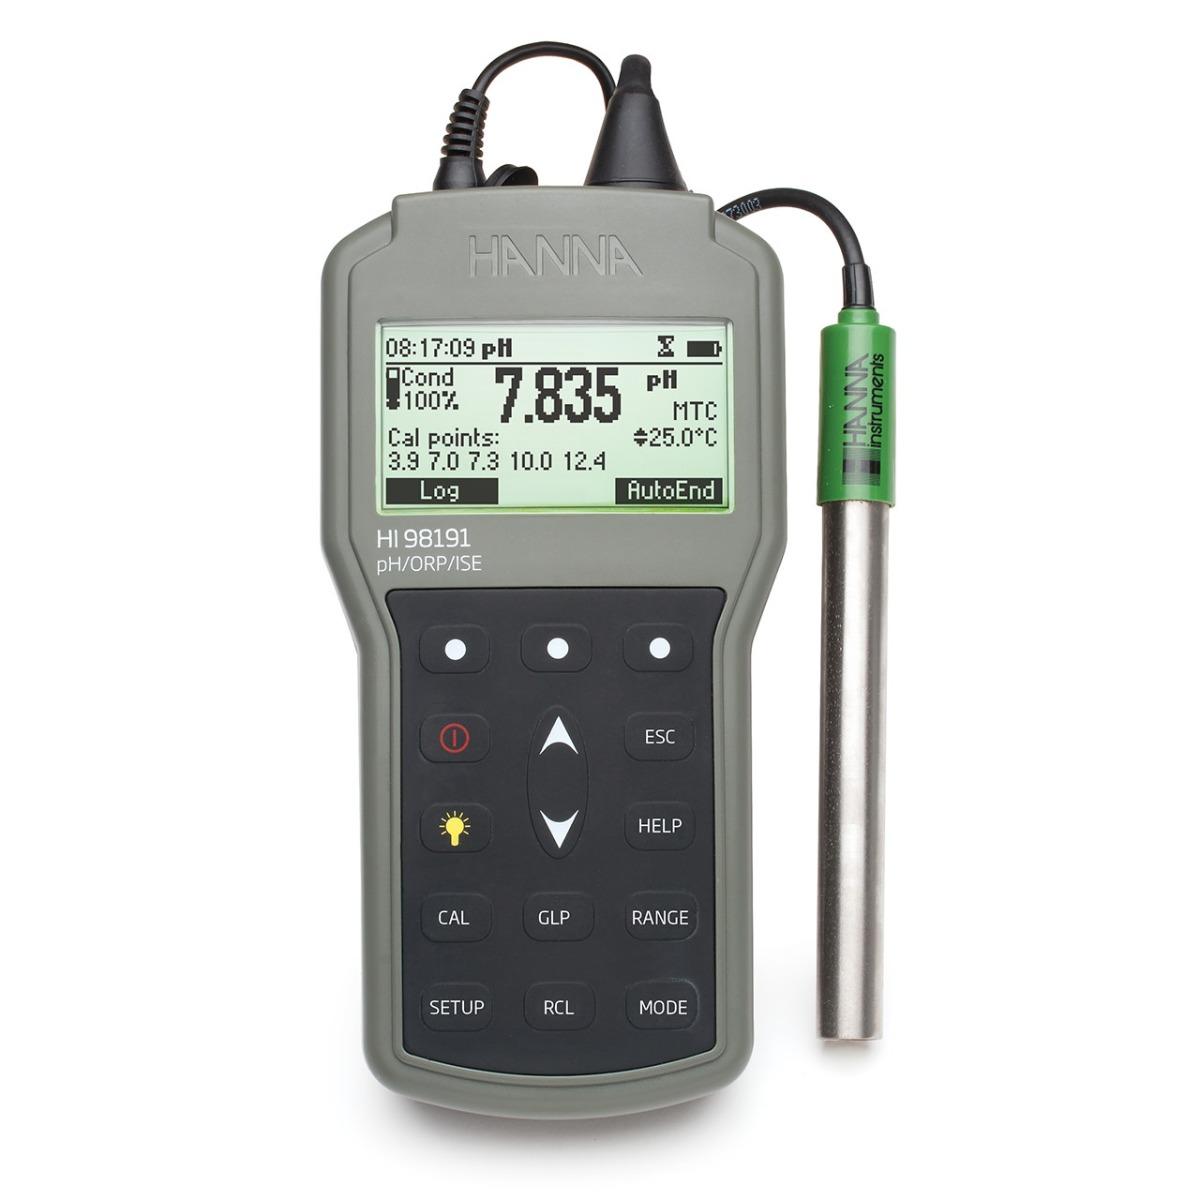 HI98191 Waterproof Portable pH/ORP/ISE Meter